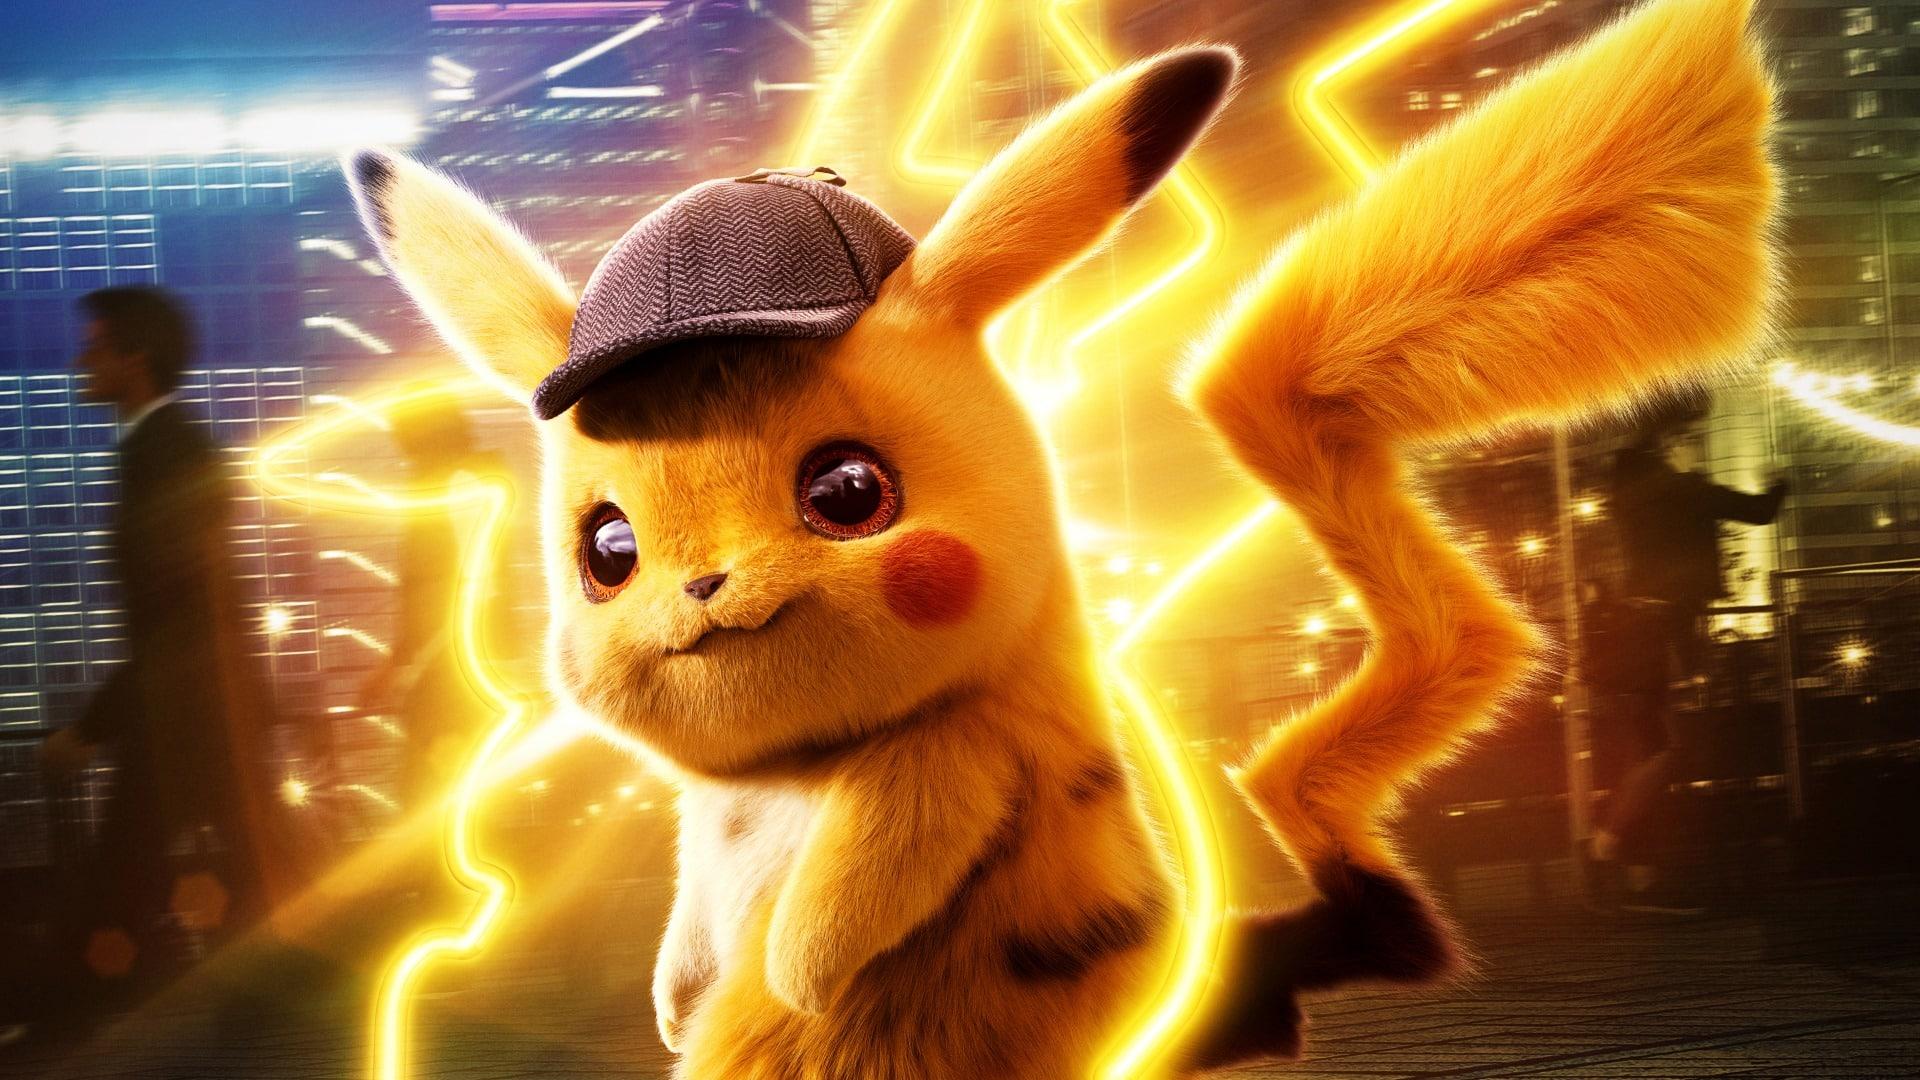 Najlepší herný film v histórii? | Pokémon Detektív Pikachu ...